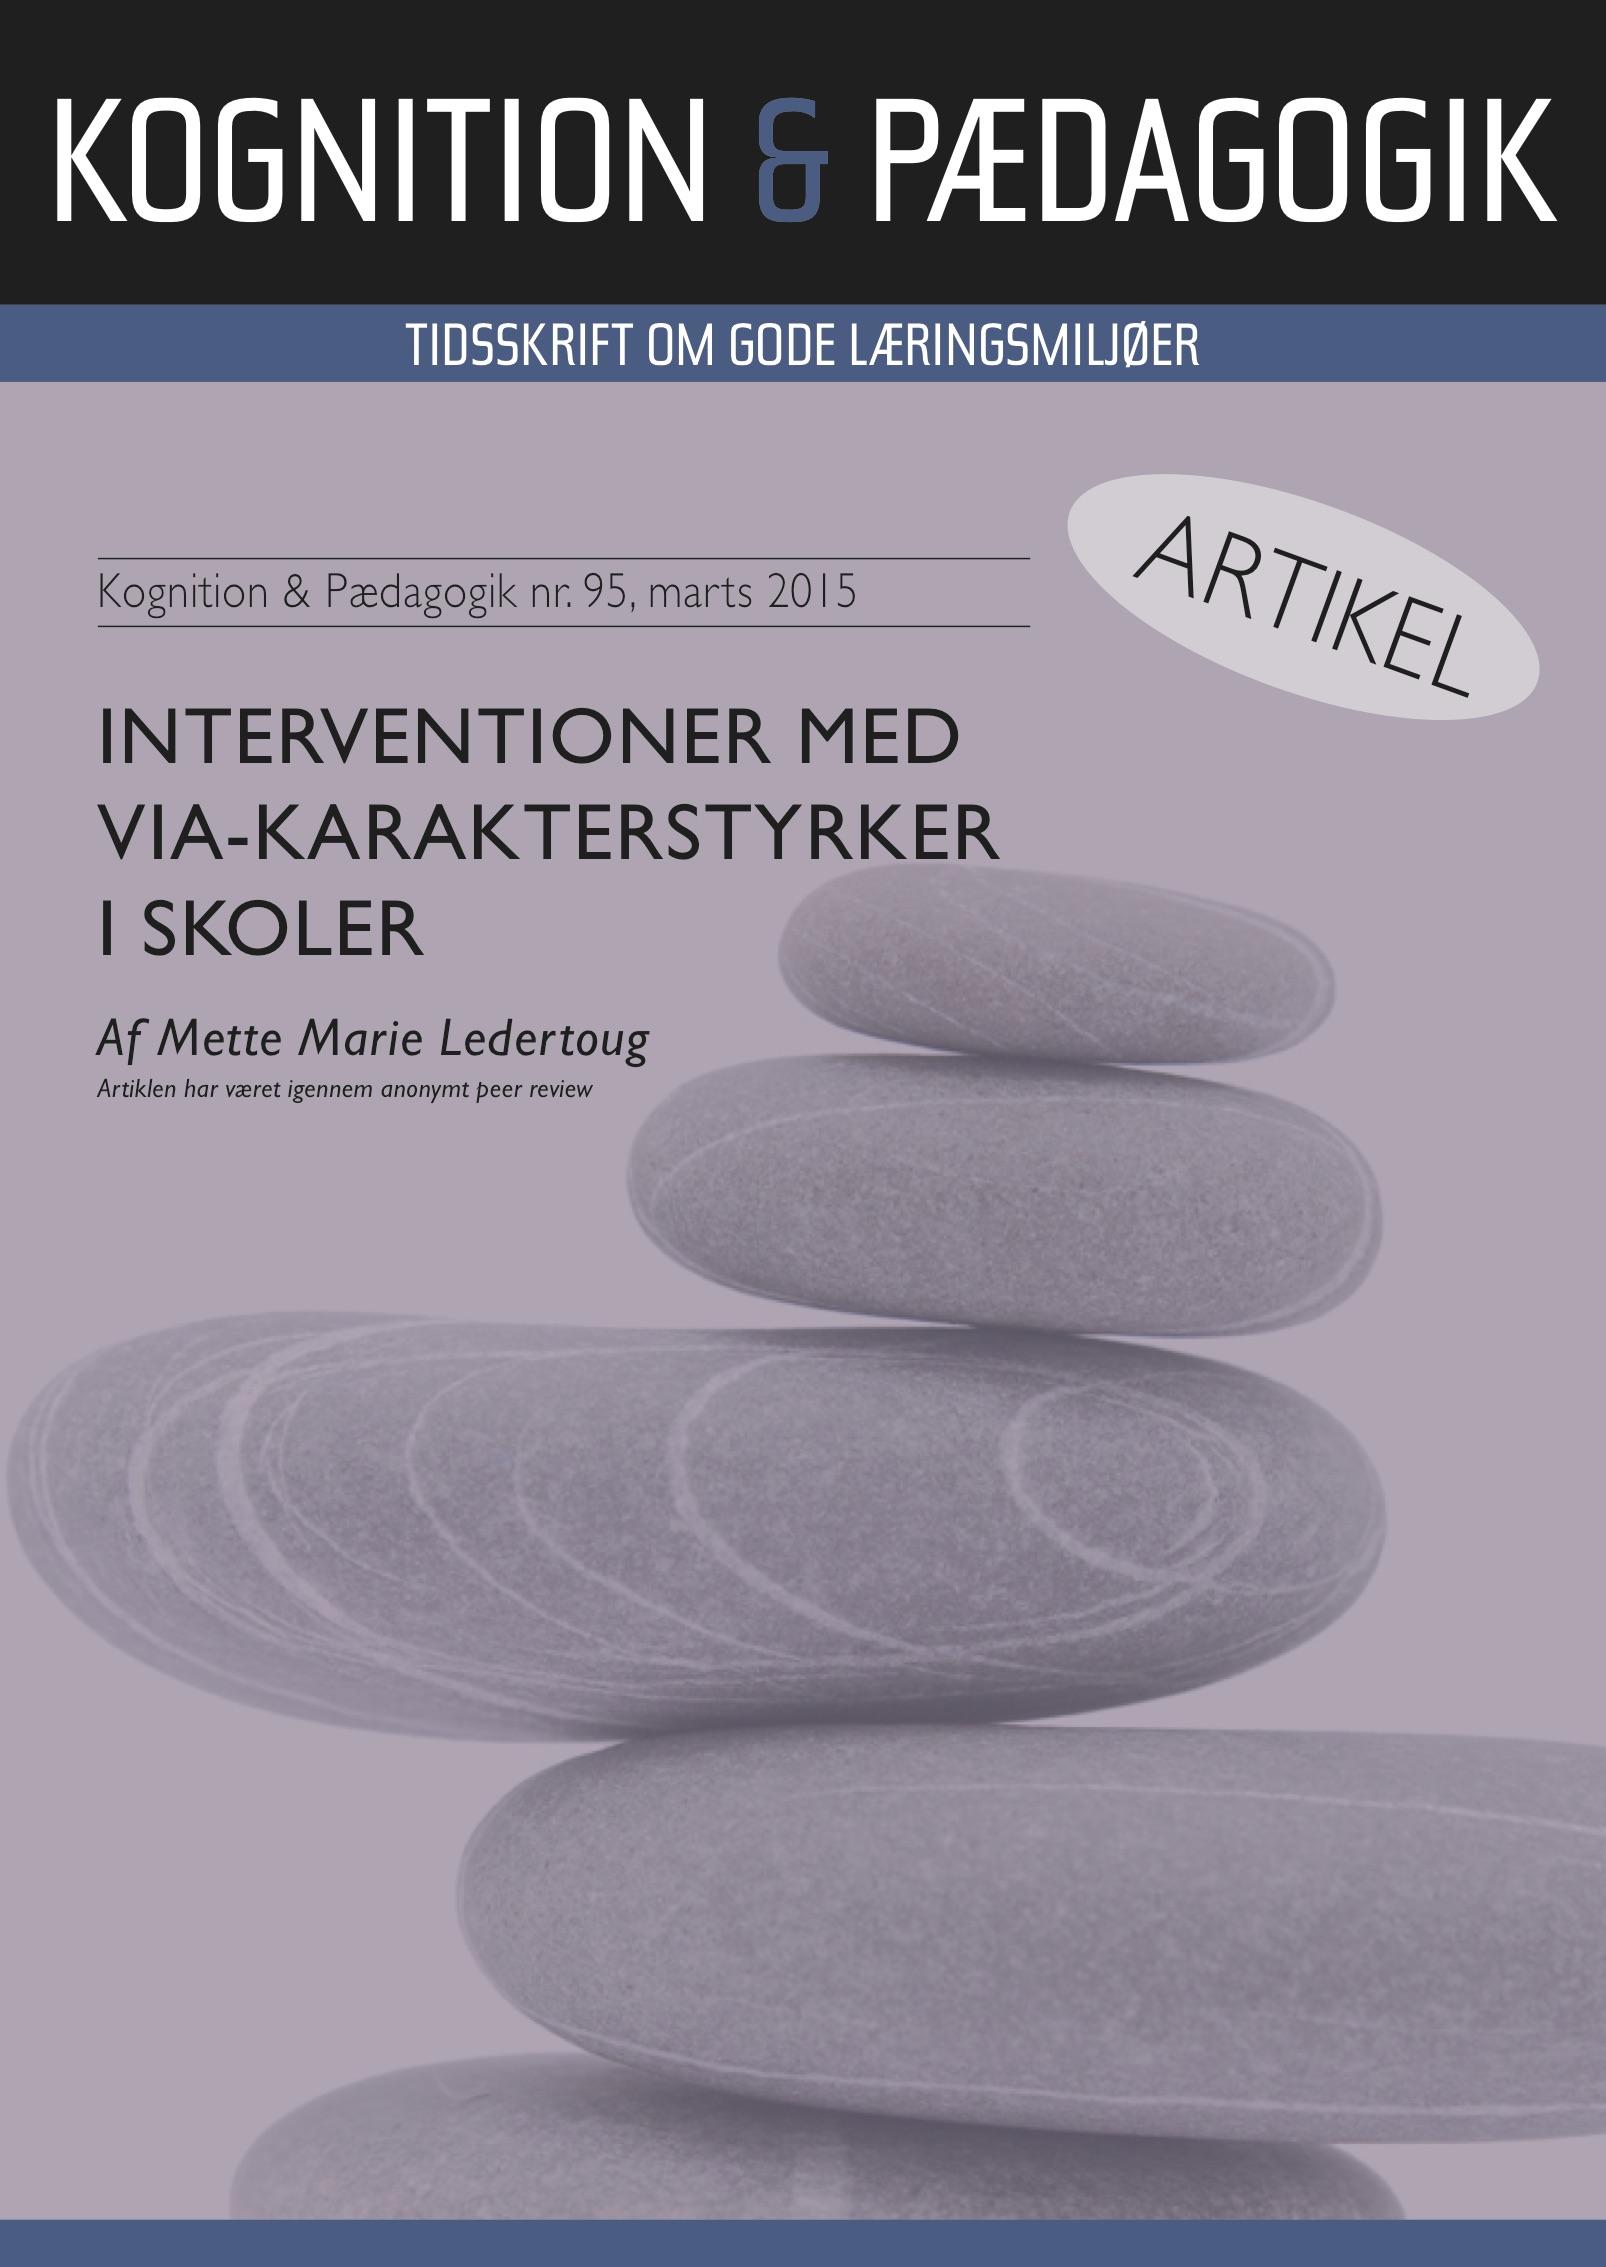 N/A Interventioner med via karakterstyrker i skoler - e-bog på bog & mystik